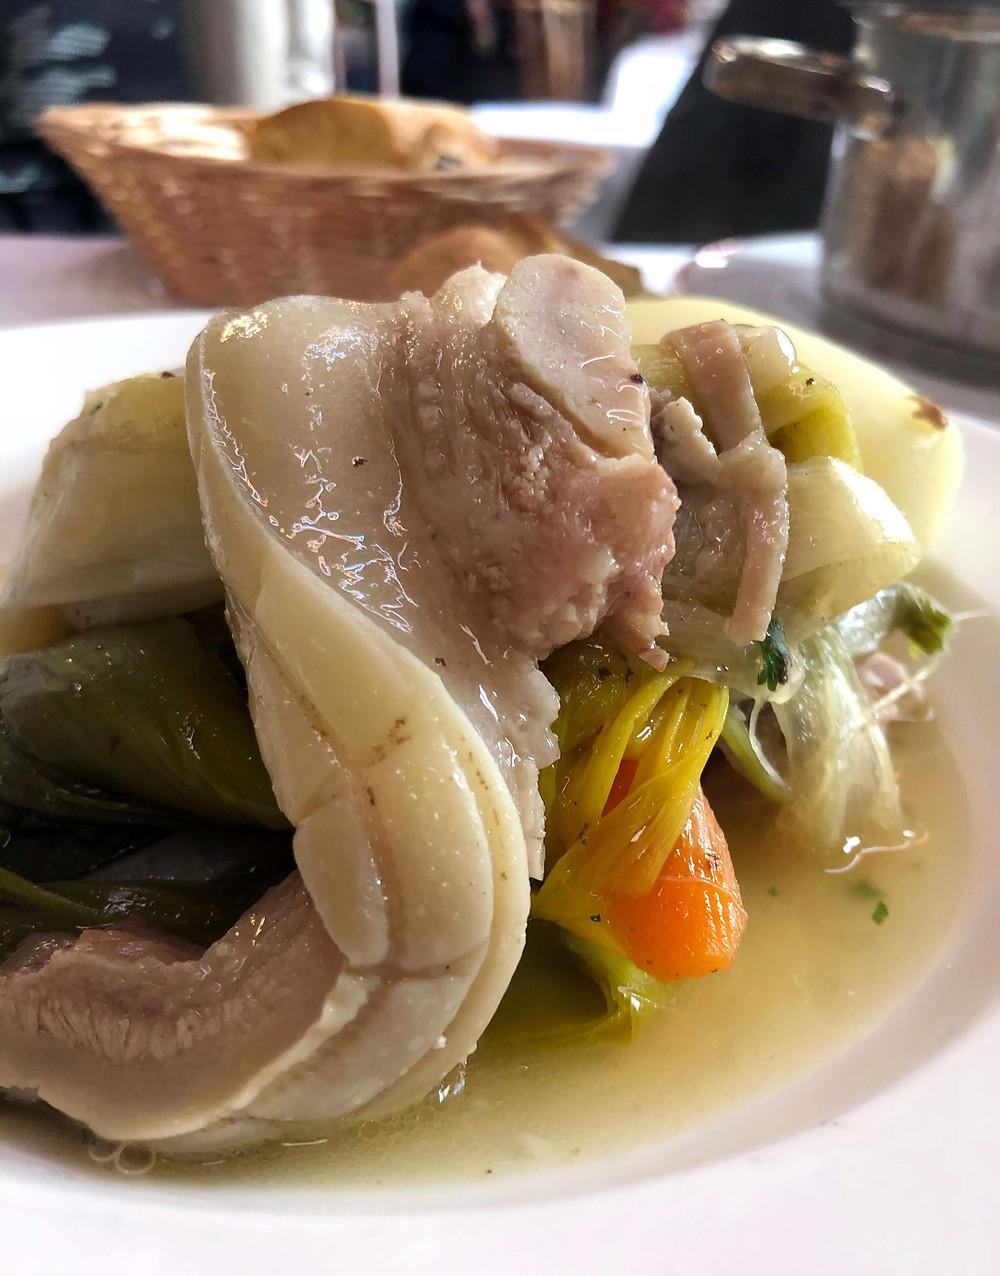 Tête de veau, sauce gribiche at Chez Paul